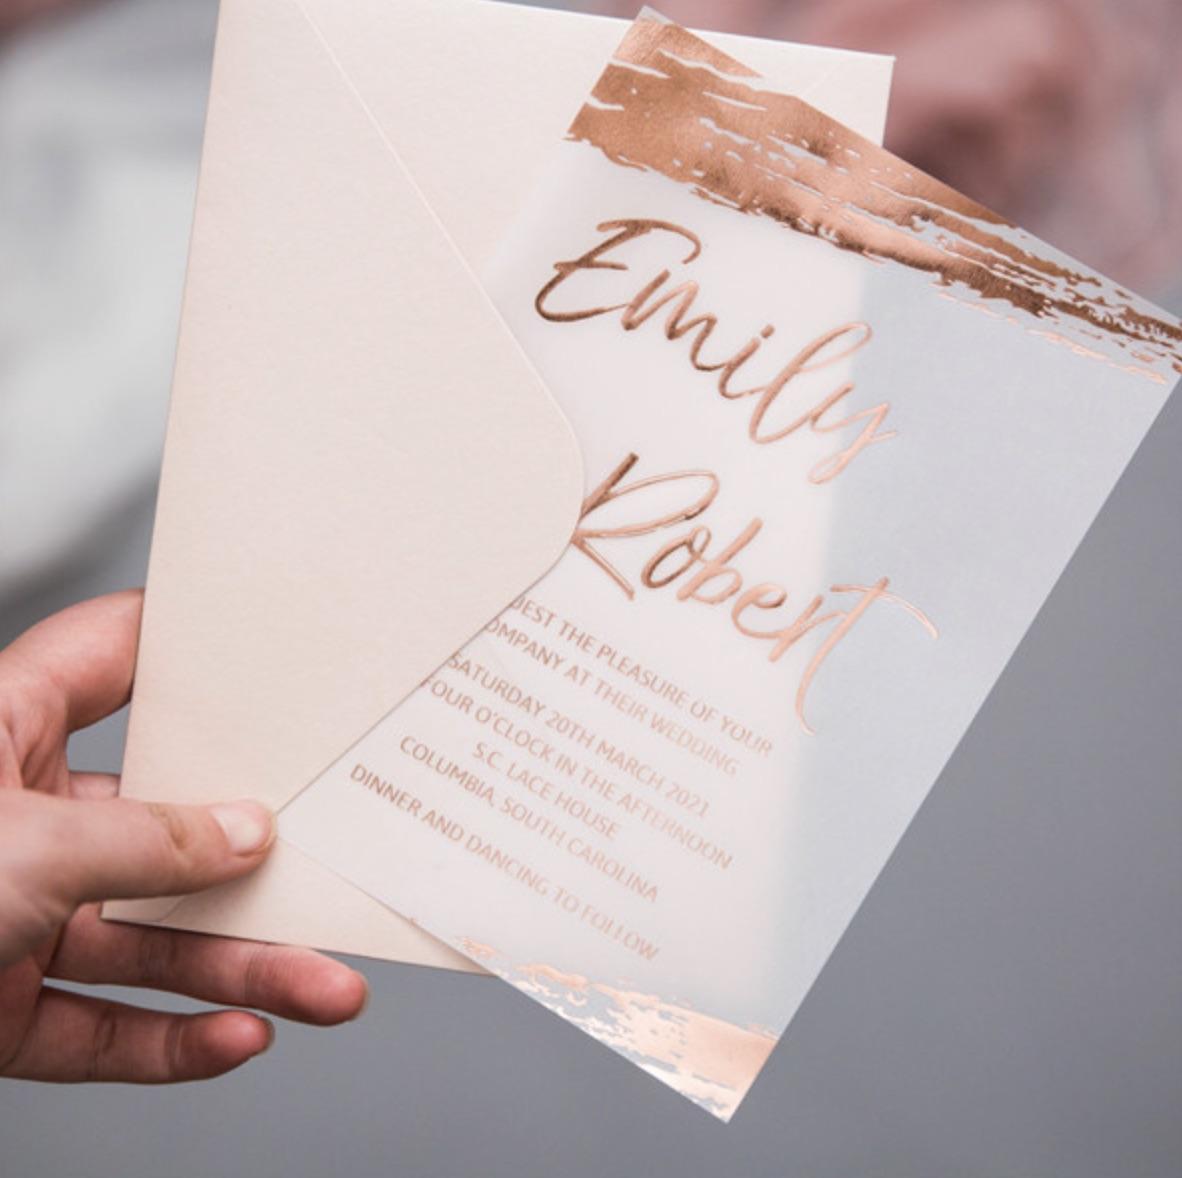 Carte d'invitation mariage en papier sulfurisé impression dorure à chaud WFSI0036